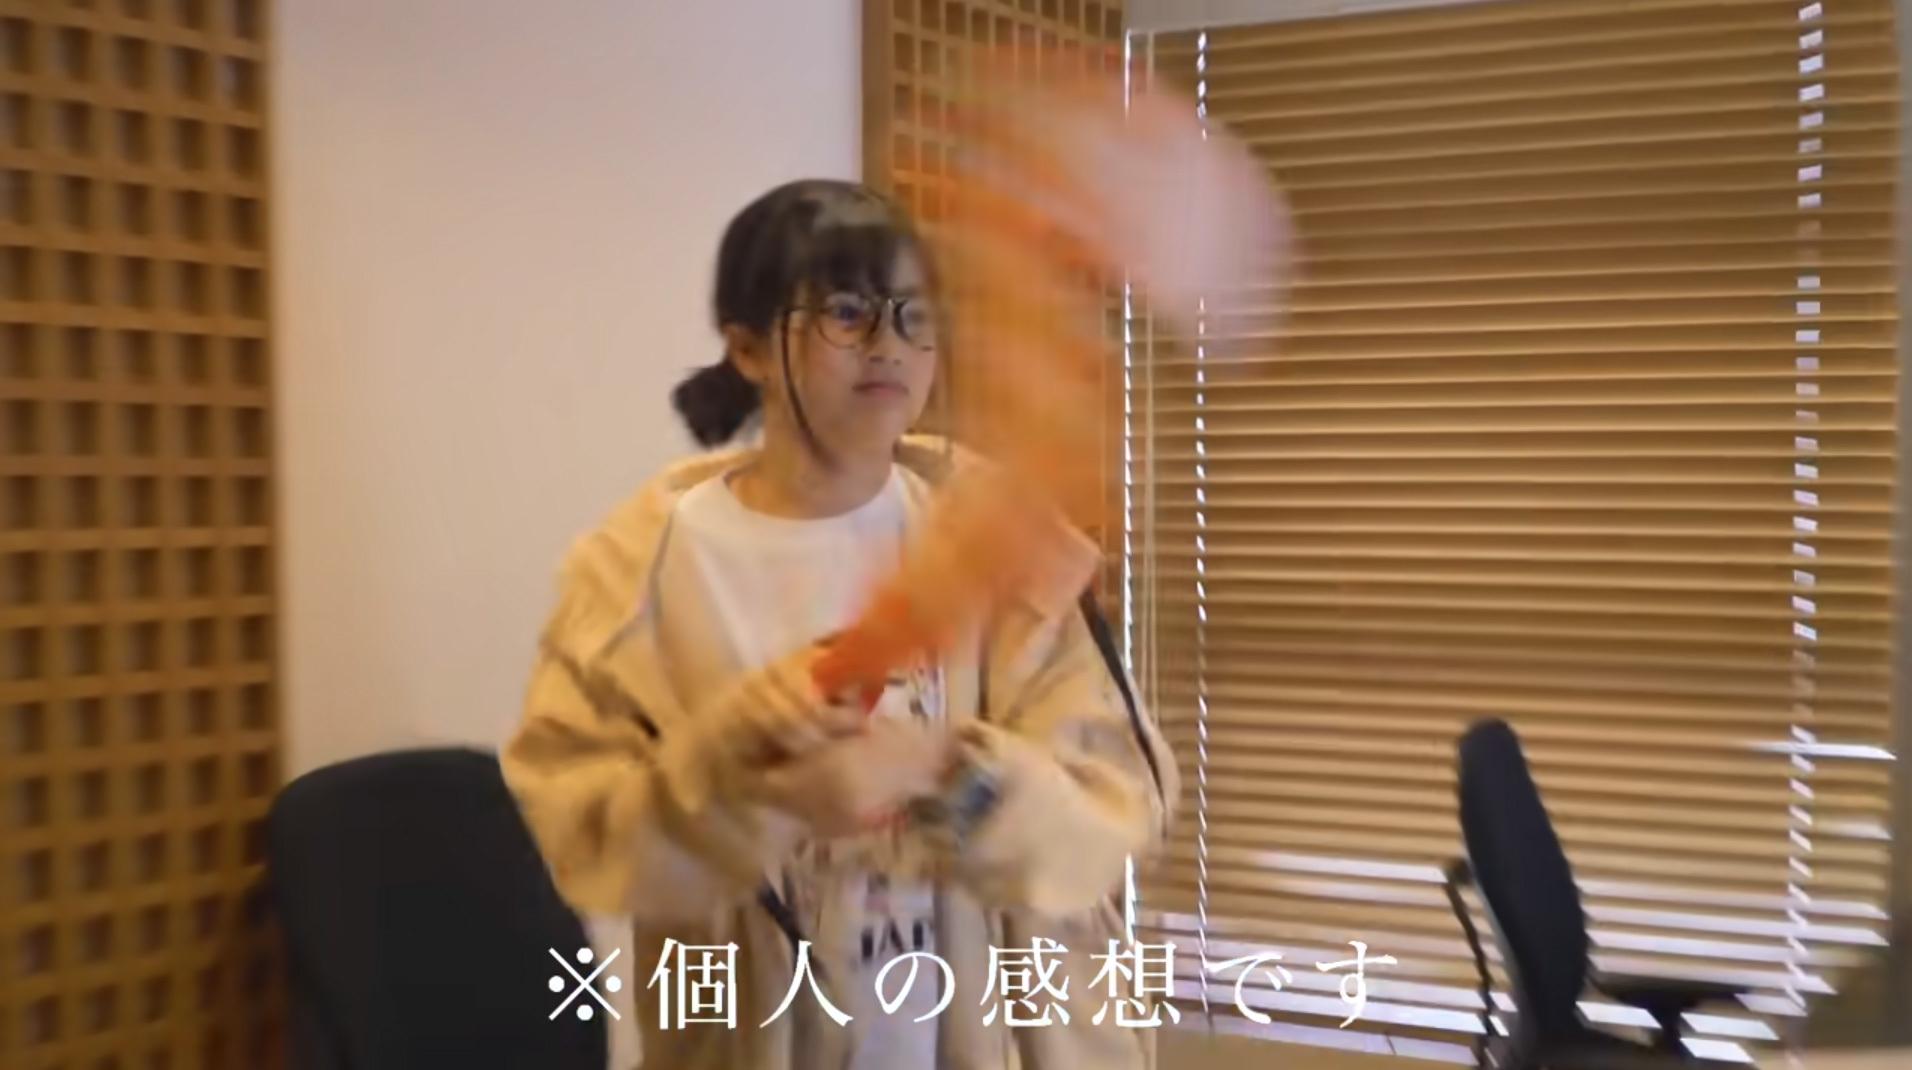 乃木坂46 林 瑠奈『発売延期(仮)(林)』